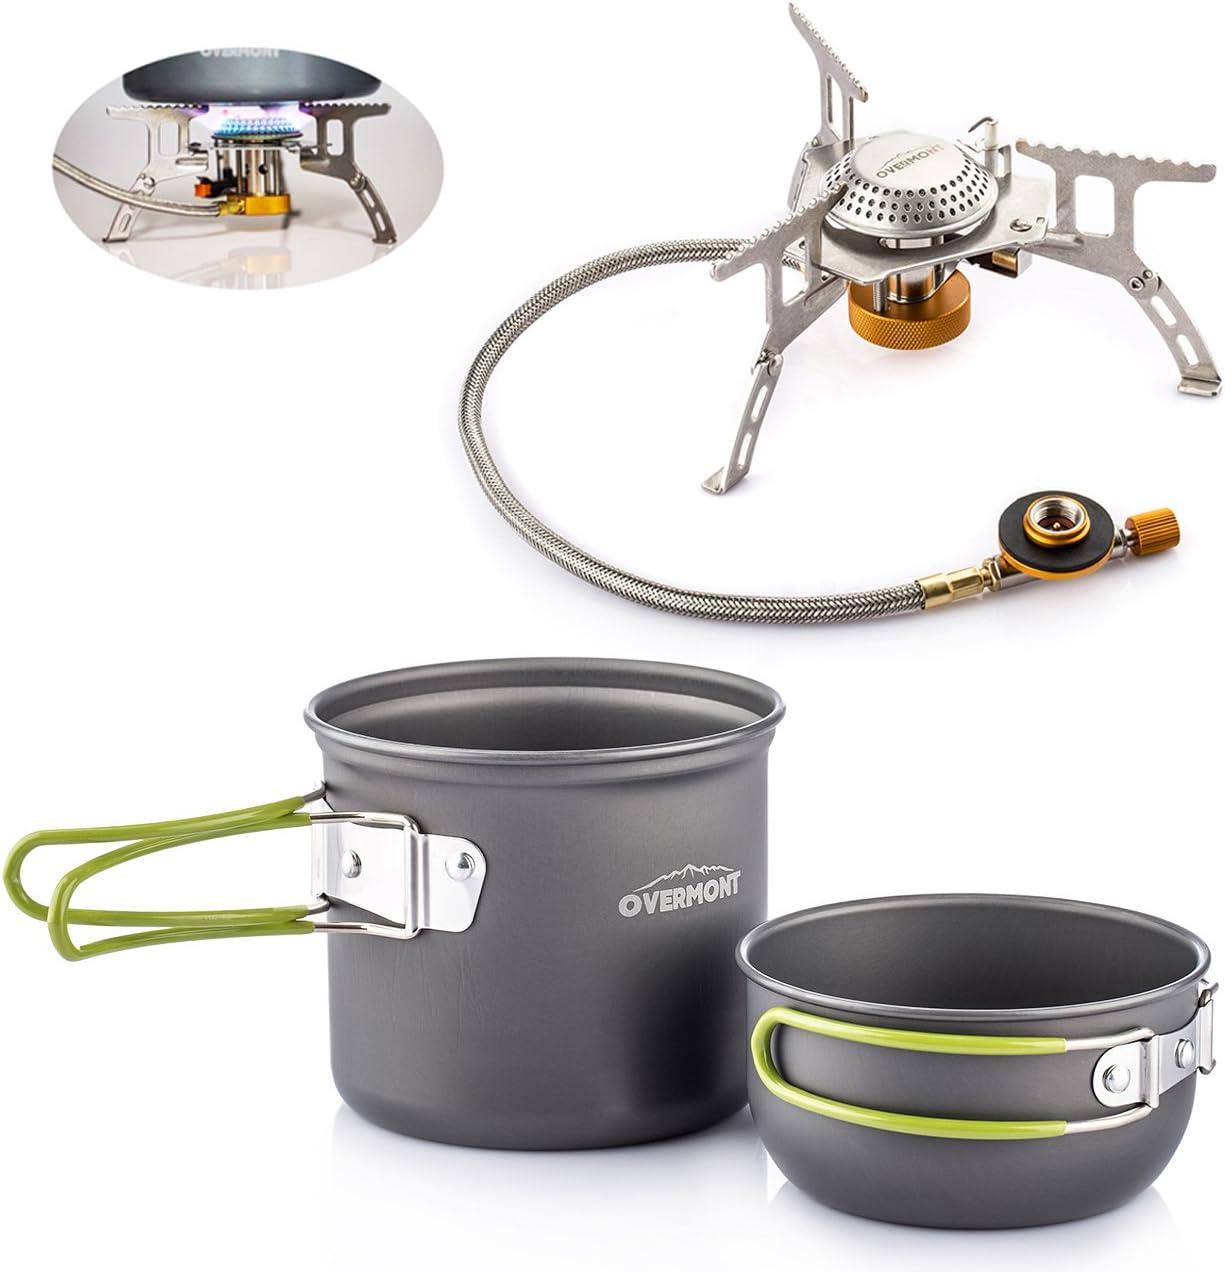 Overmont 2pics Kit de Utensilios de Cocina vajilla ollas para Camping Senderismo excursión al Aire Libre de Aluminio Hornillo Cocina Estufa Metal de ...